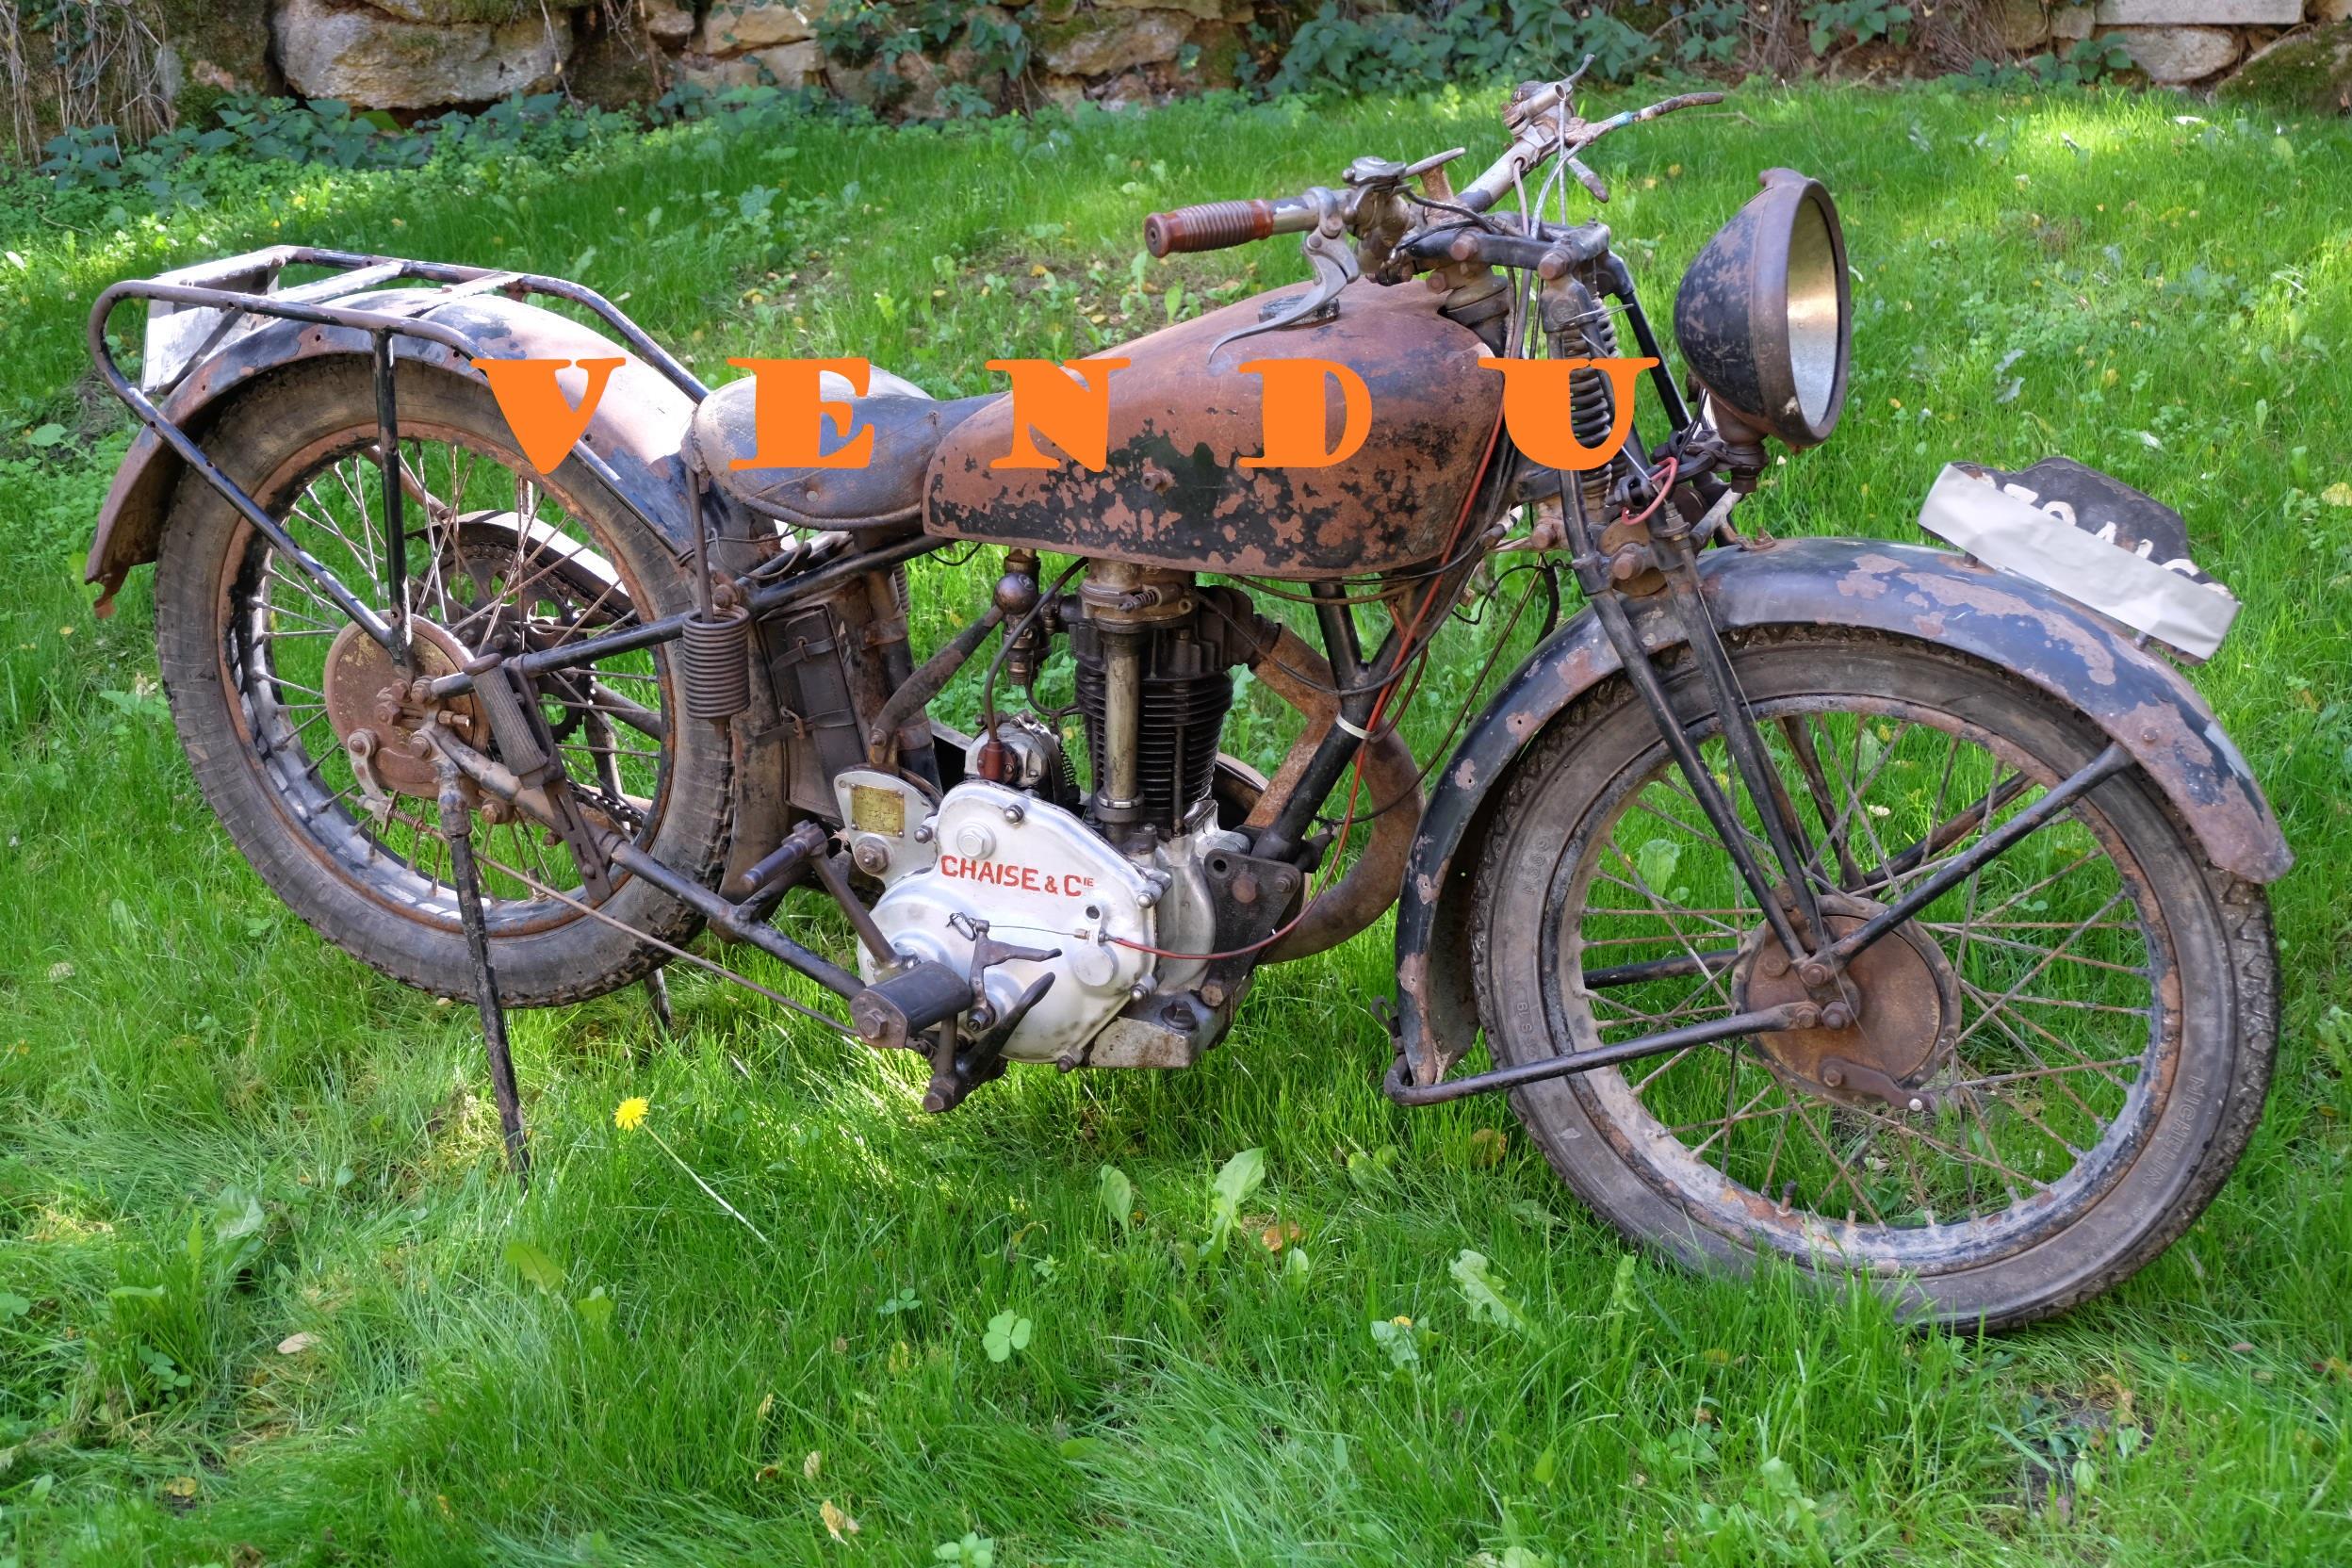 Styl'son – Années 30 – moteur Chaise 250cc